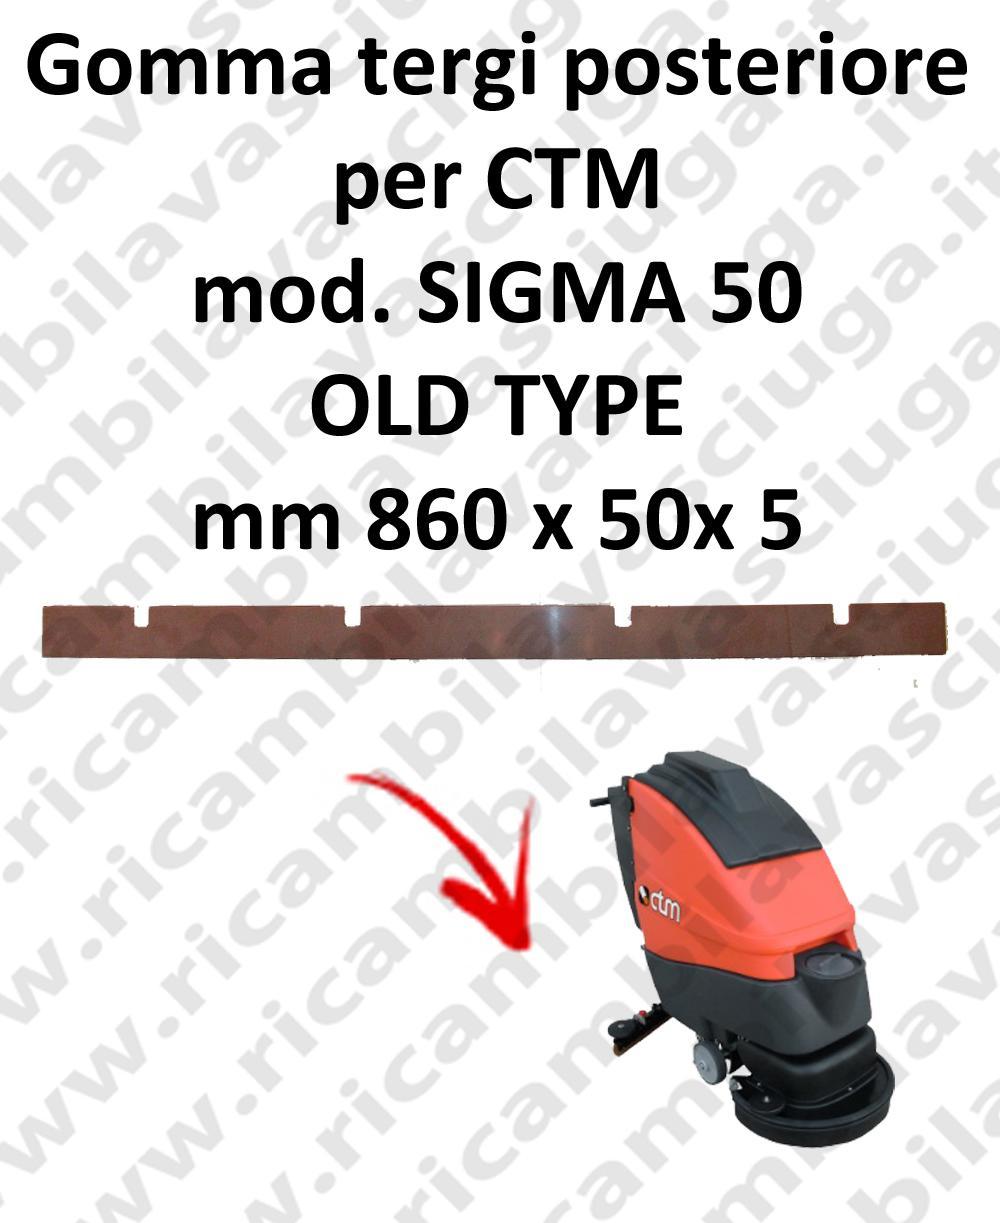 SIGMA 50 OLD TYPE Hinten sauglippen für scheuersaugmaschinen CTM